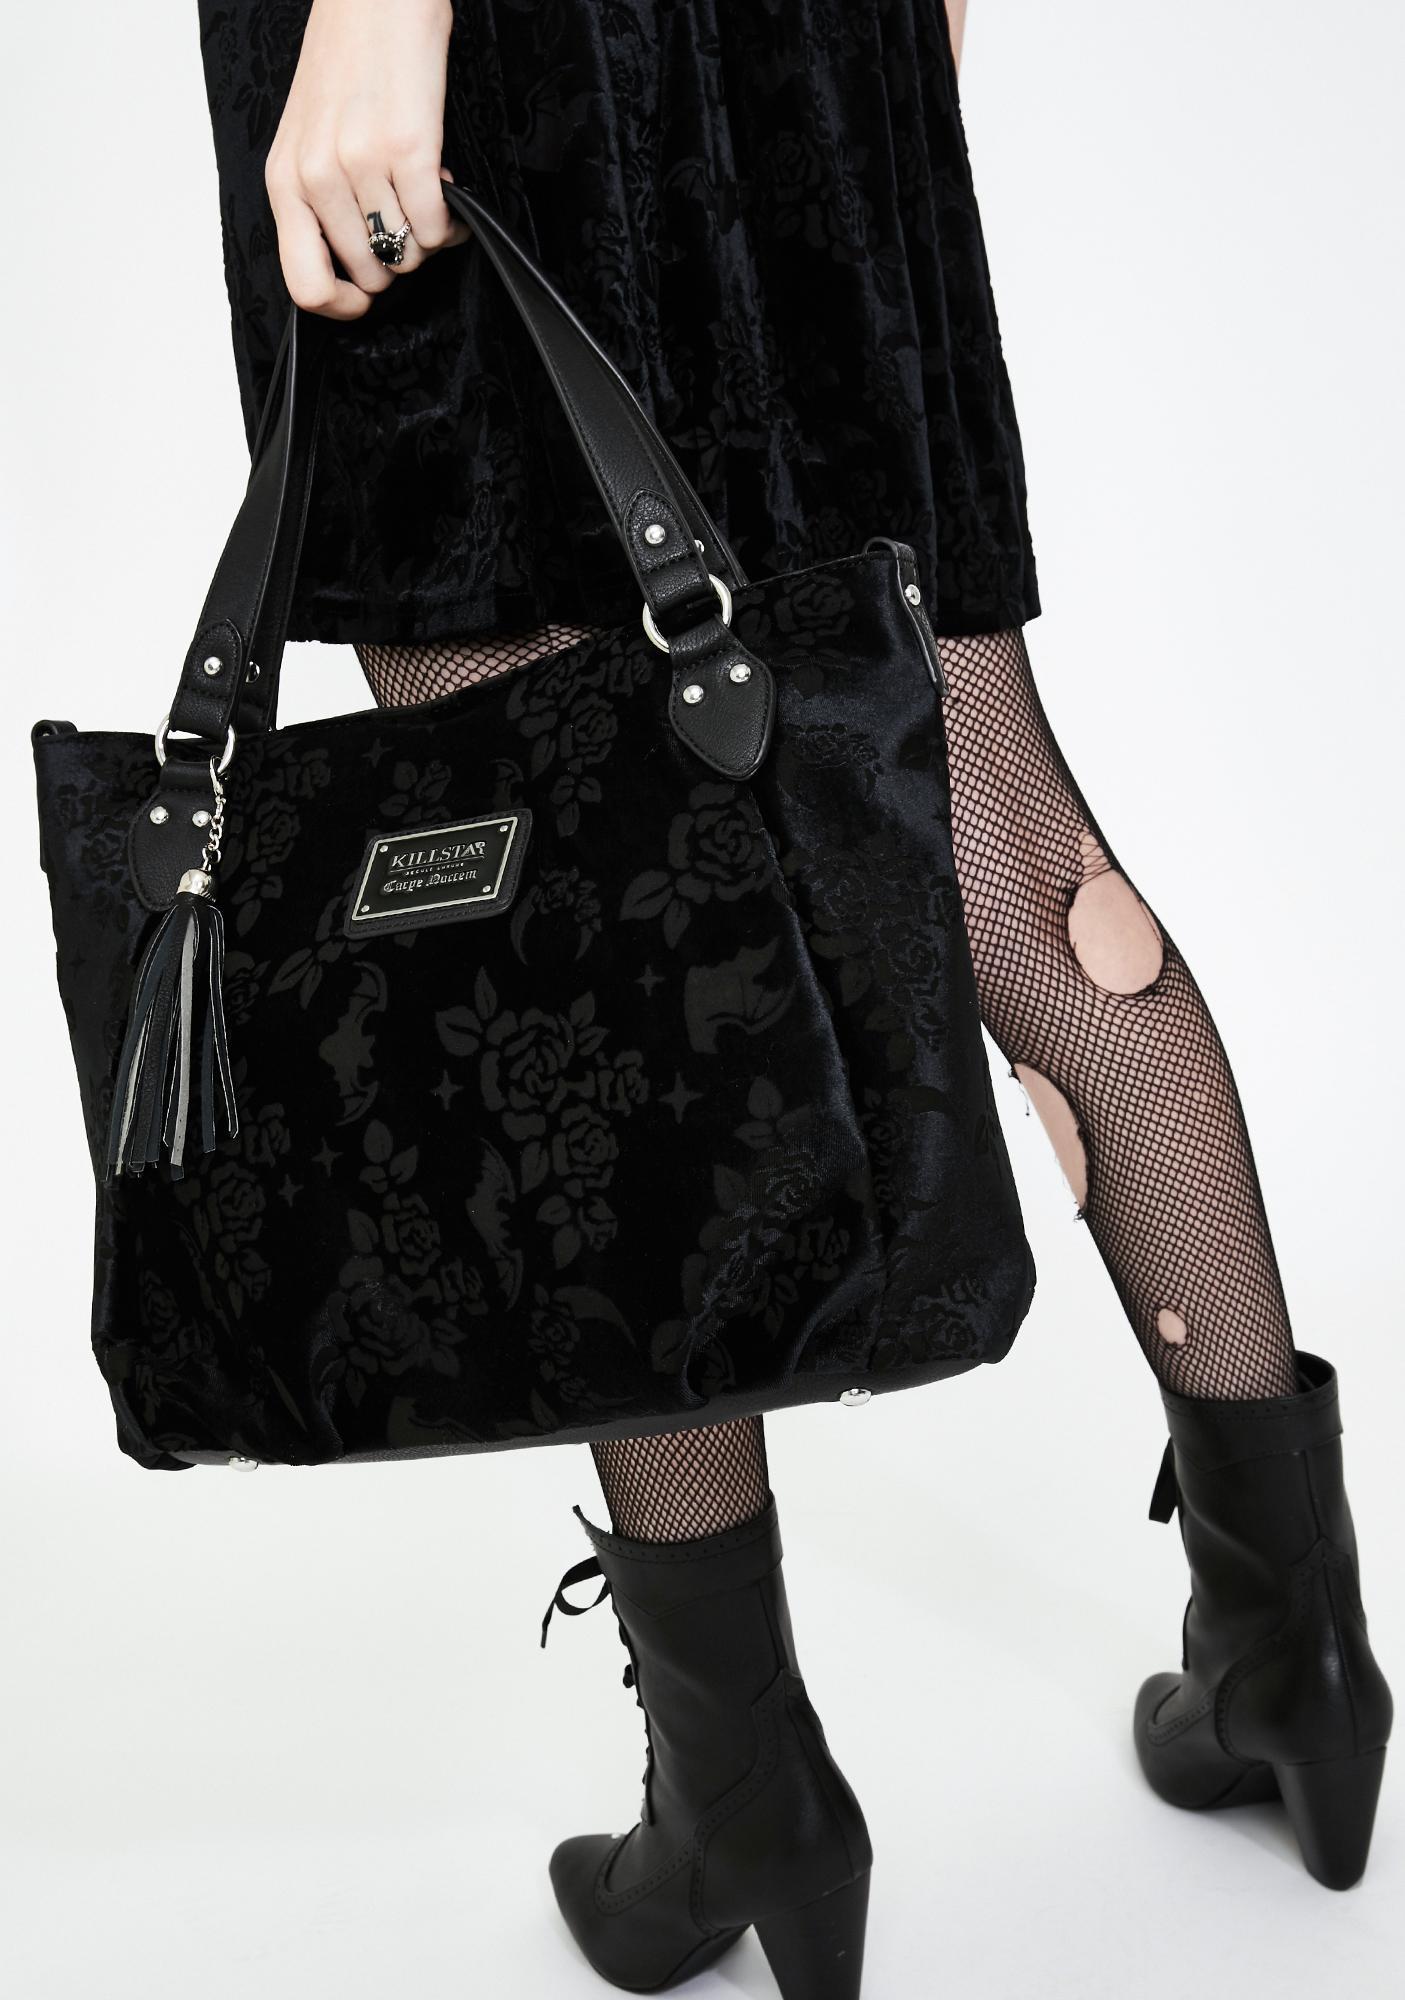 Killstar Under Your Spell Tote Bag